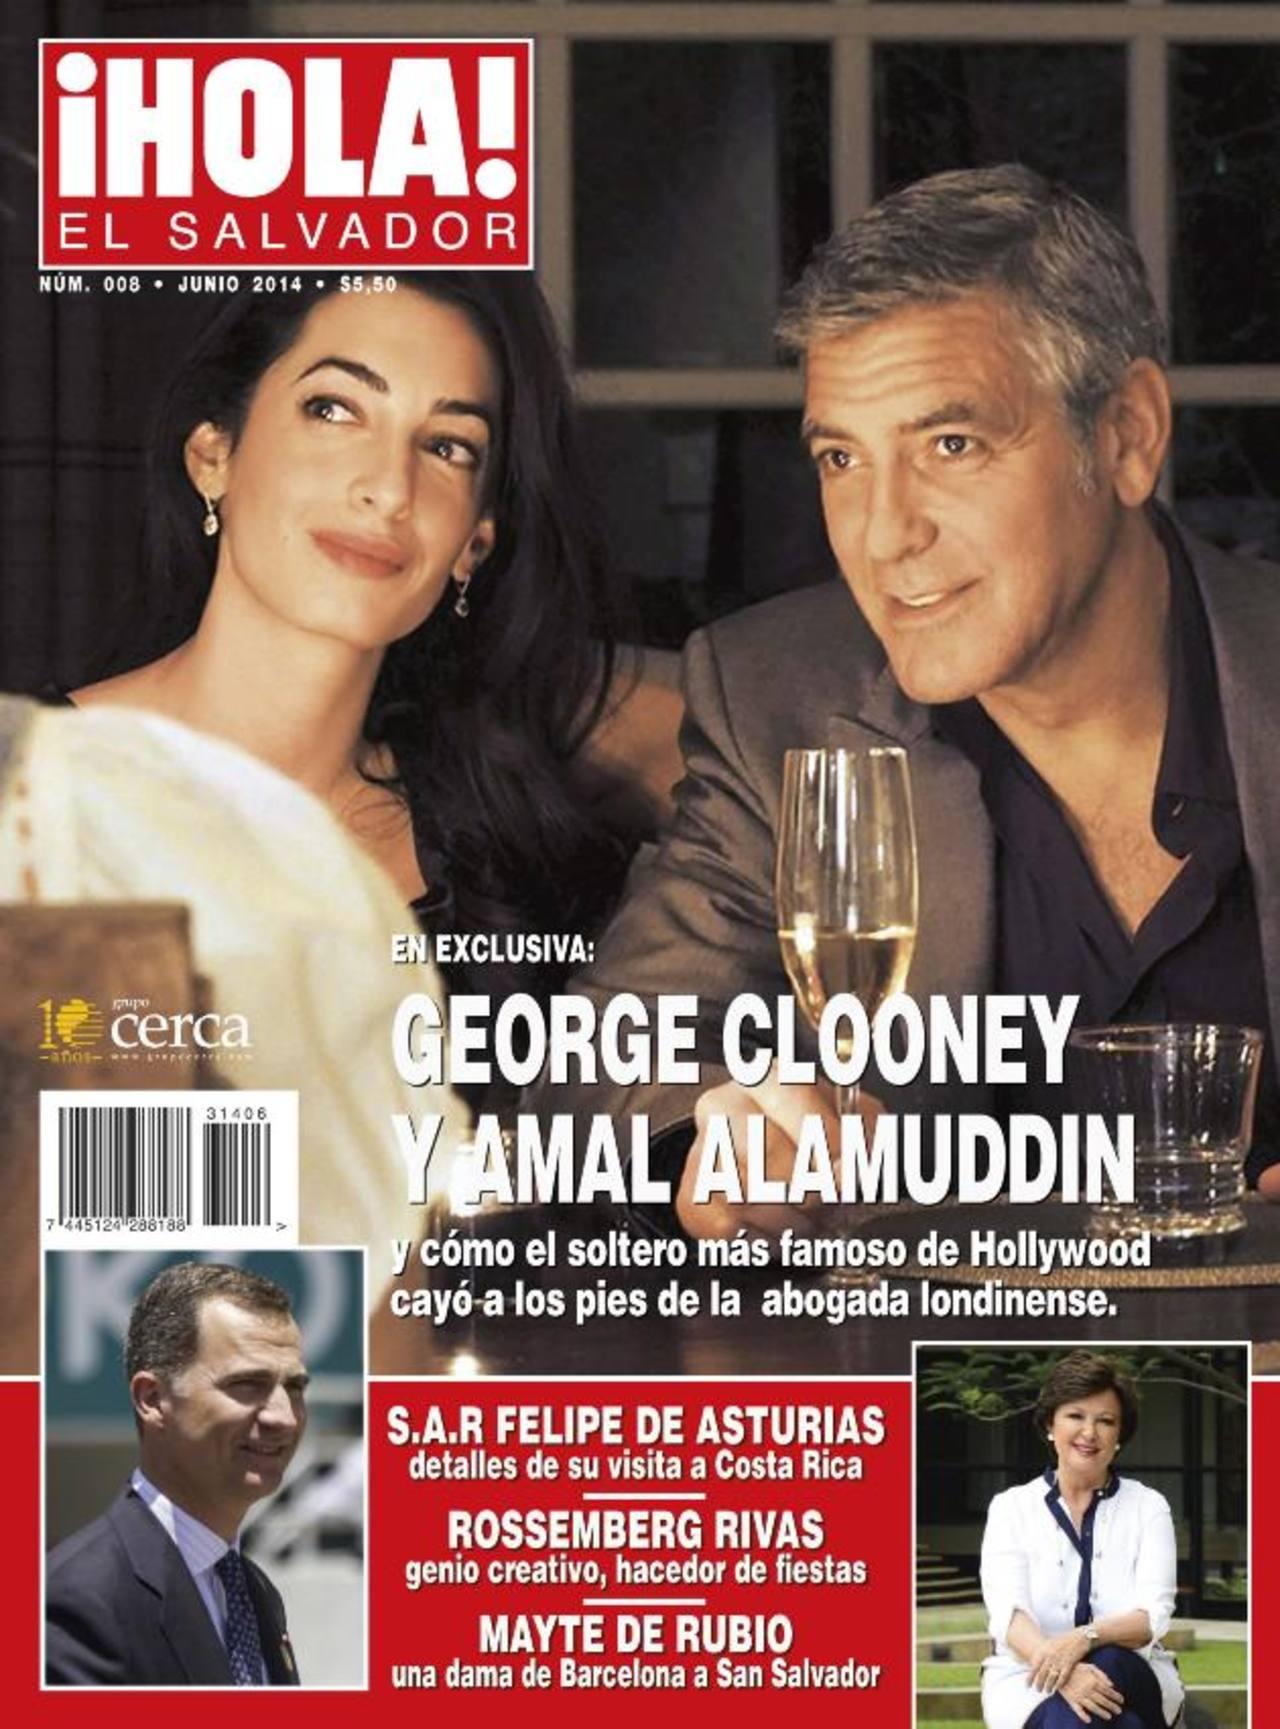 El actor George Clooney y su prometida Amal Alamuddin ocupan la portada de la revista.